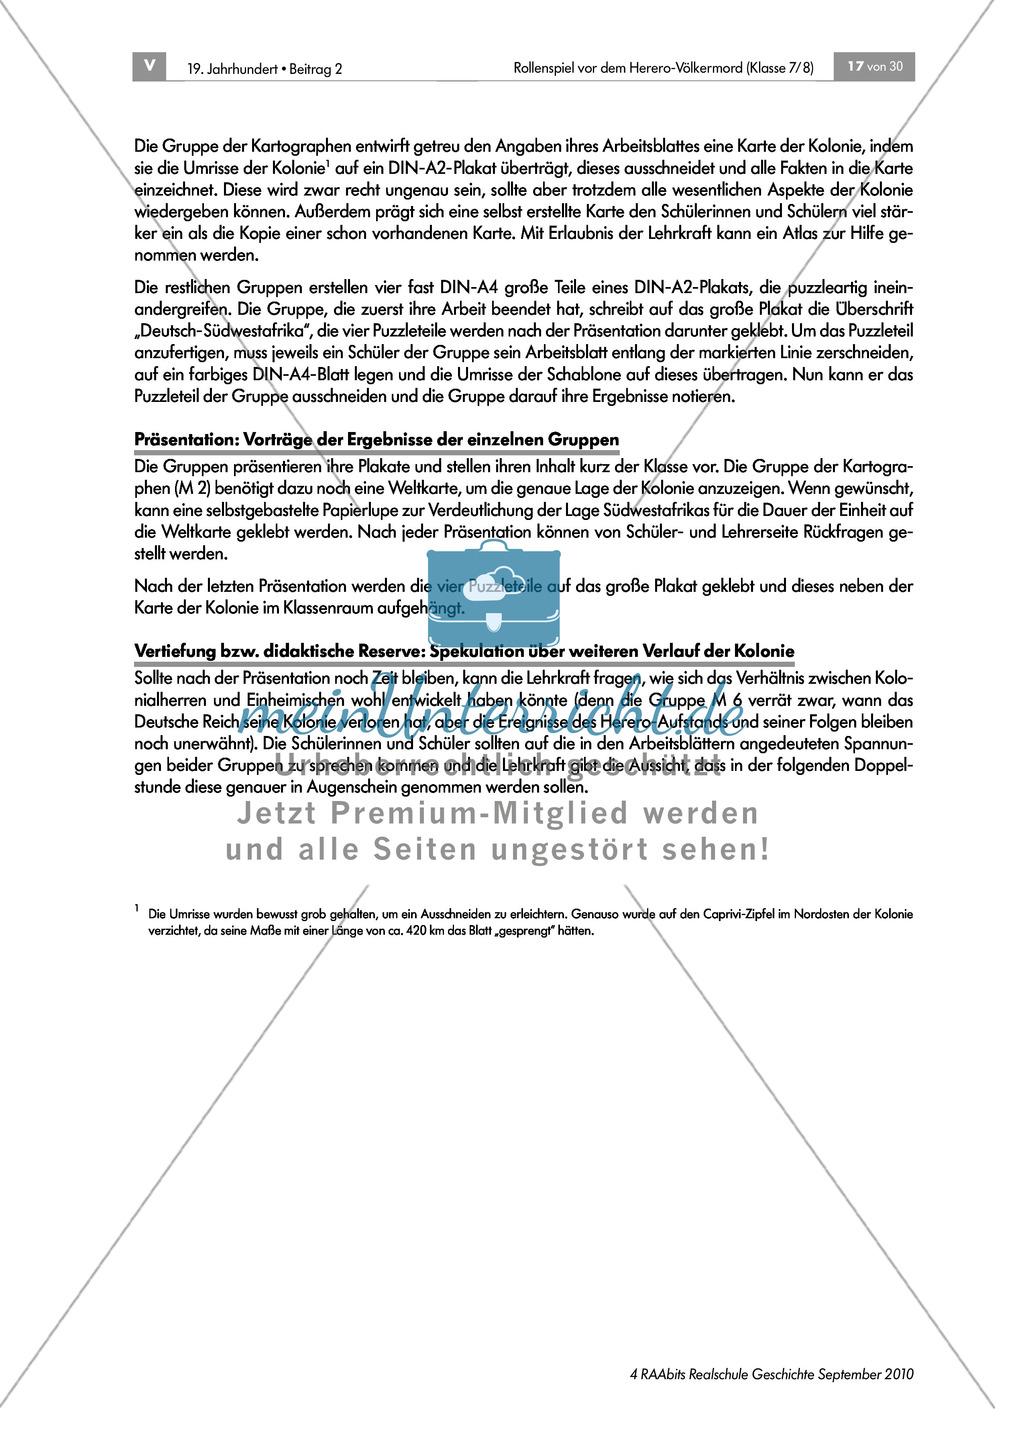 Deutsche Kolonialherren und afrikanische Ureinwohner: Die Geschichte der Kolonie Deutsch-Südwestafrika in Gruppen erarbeiten und als Puzzle zusammensetzen und präsentieren Preview 8